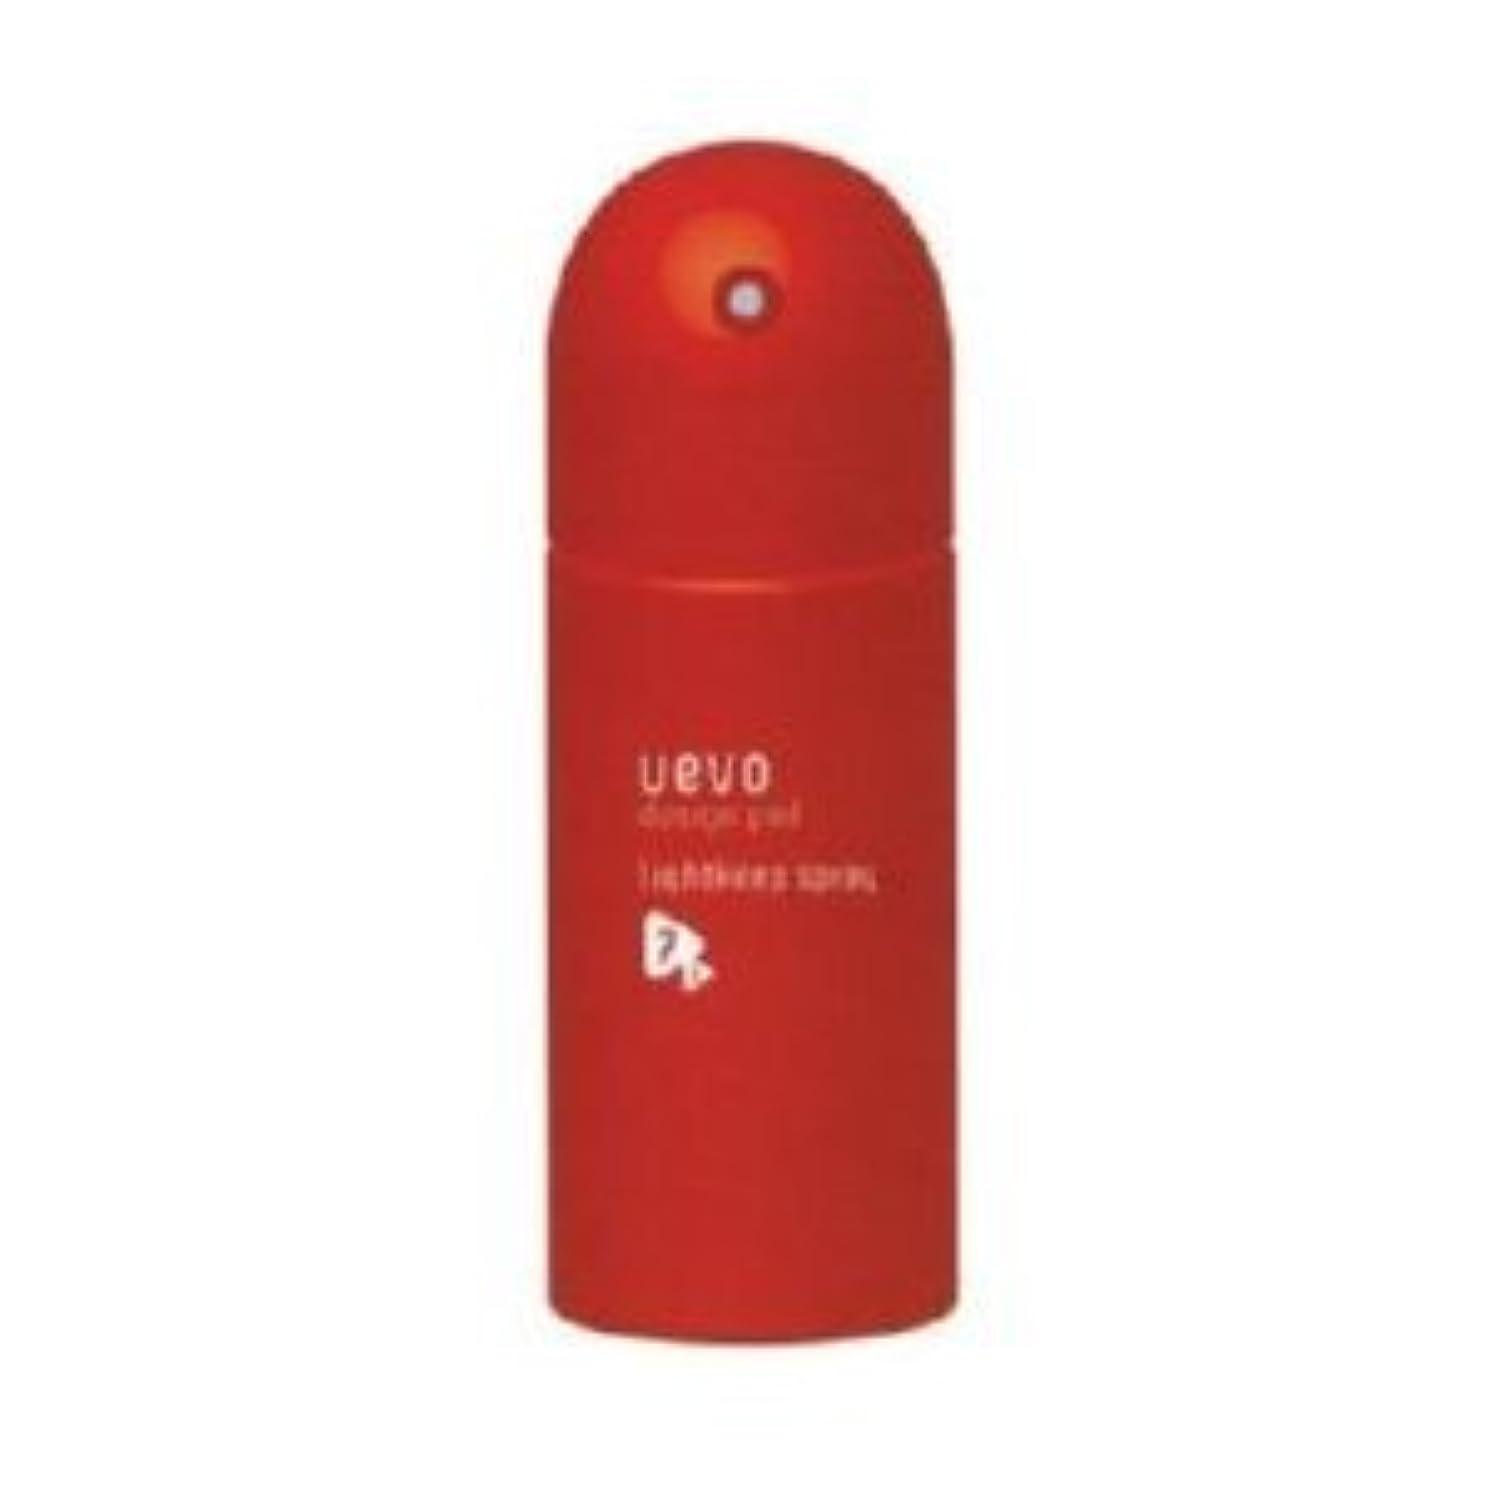 外向き非難する車【X5個セット】 デミ ウェーボ デザインポッド ライトキープスプレー 220ml lightkeep spray DEMI uevo design pod